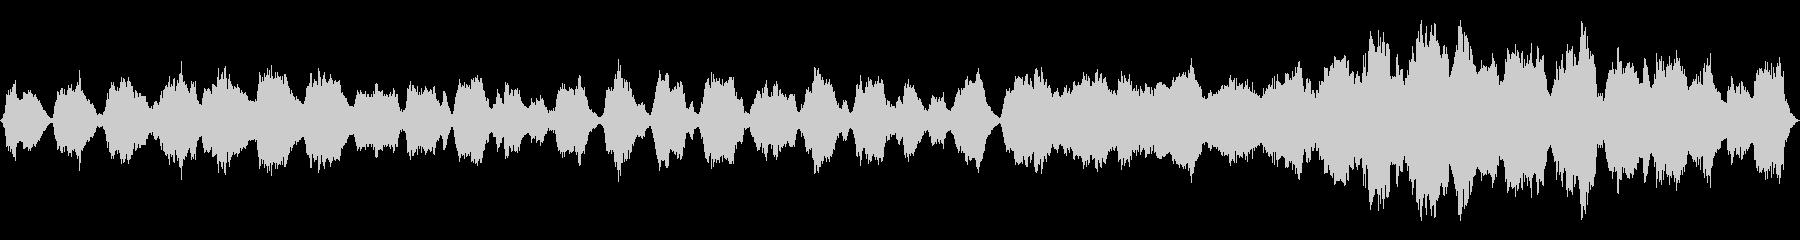 ヨーロッパの民族音楽風のBGMです。の未再生の波形